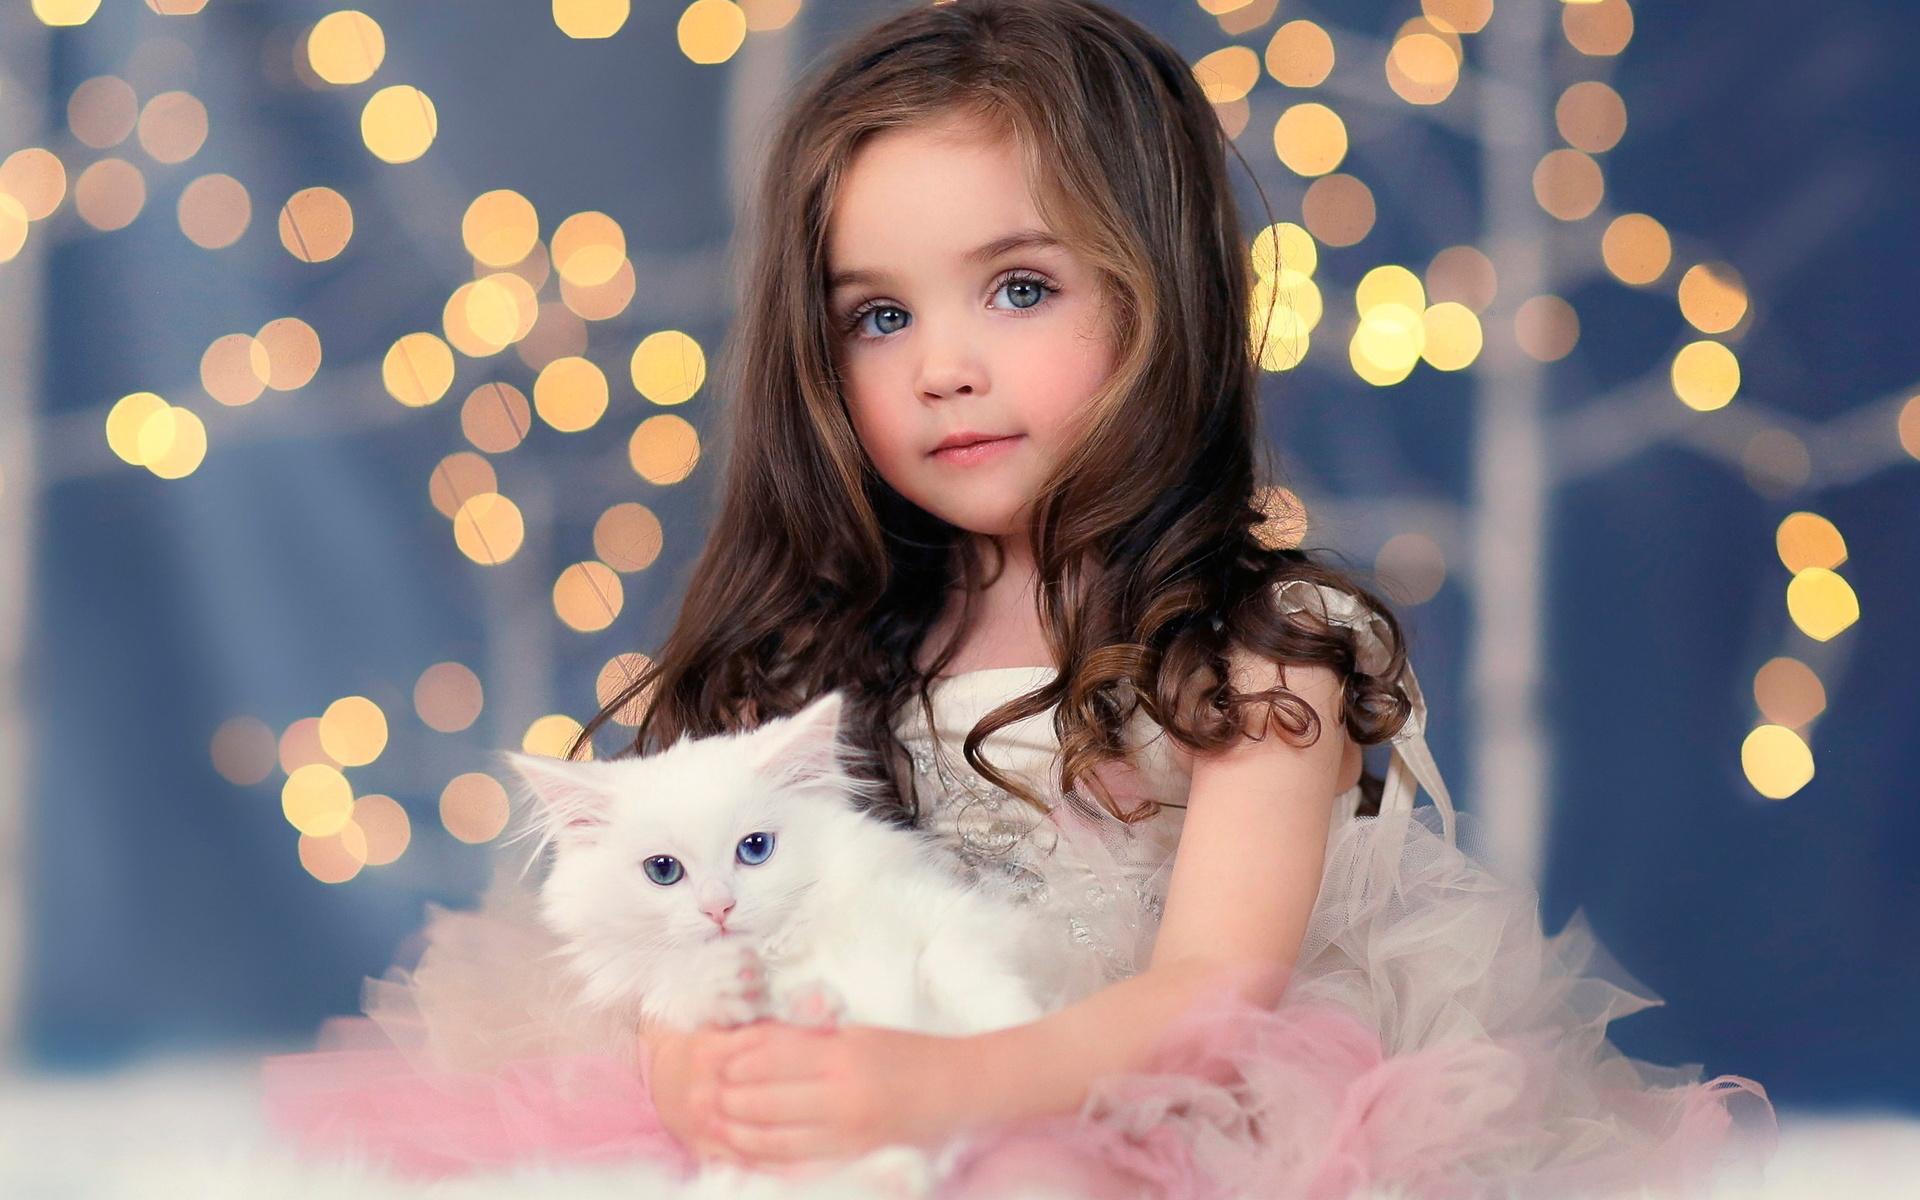 Картинки для девочки красивые